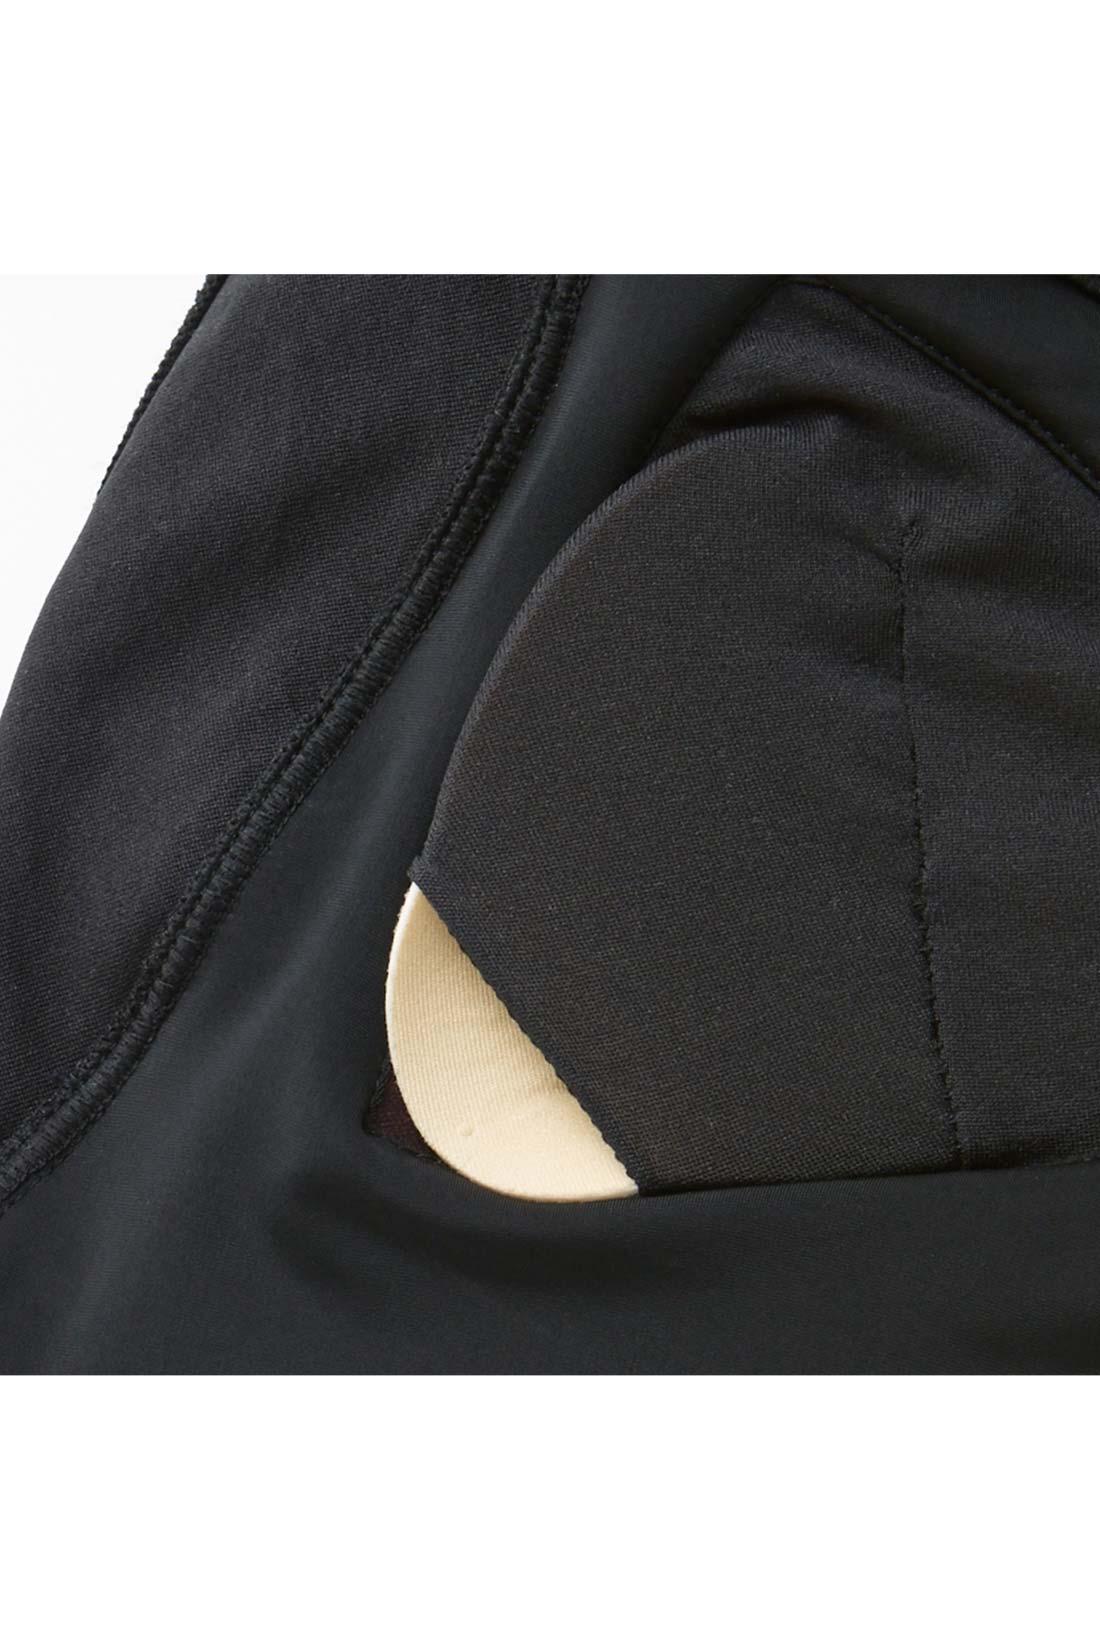 取り外し可能なカップ付き 胸もとの開きが少なく安心感があるのでスポーツウェアとしても重宝。ふっくらやわらかなカップは取り外せて便利。